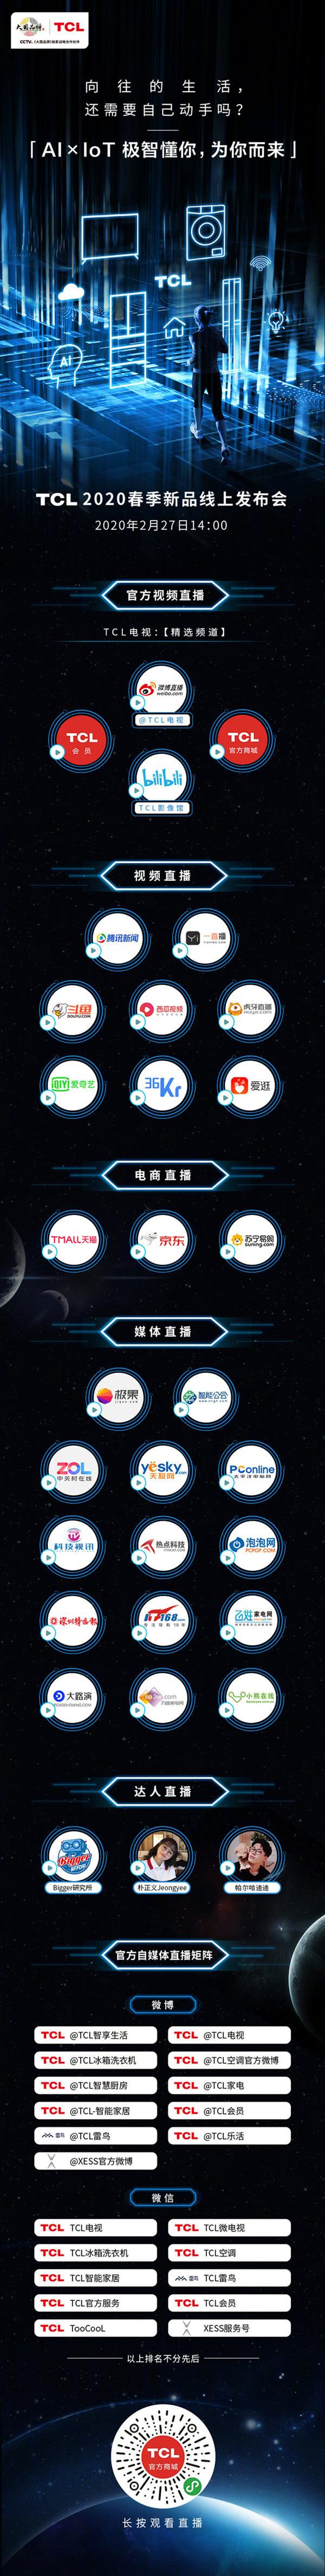 TCL下午2点举办春季新品线上发布会 直播平台汇总